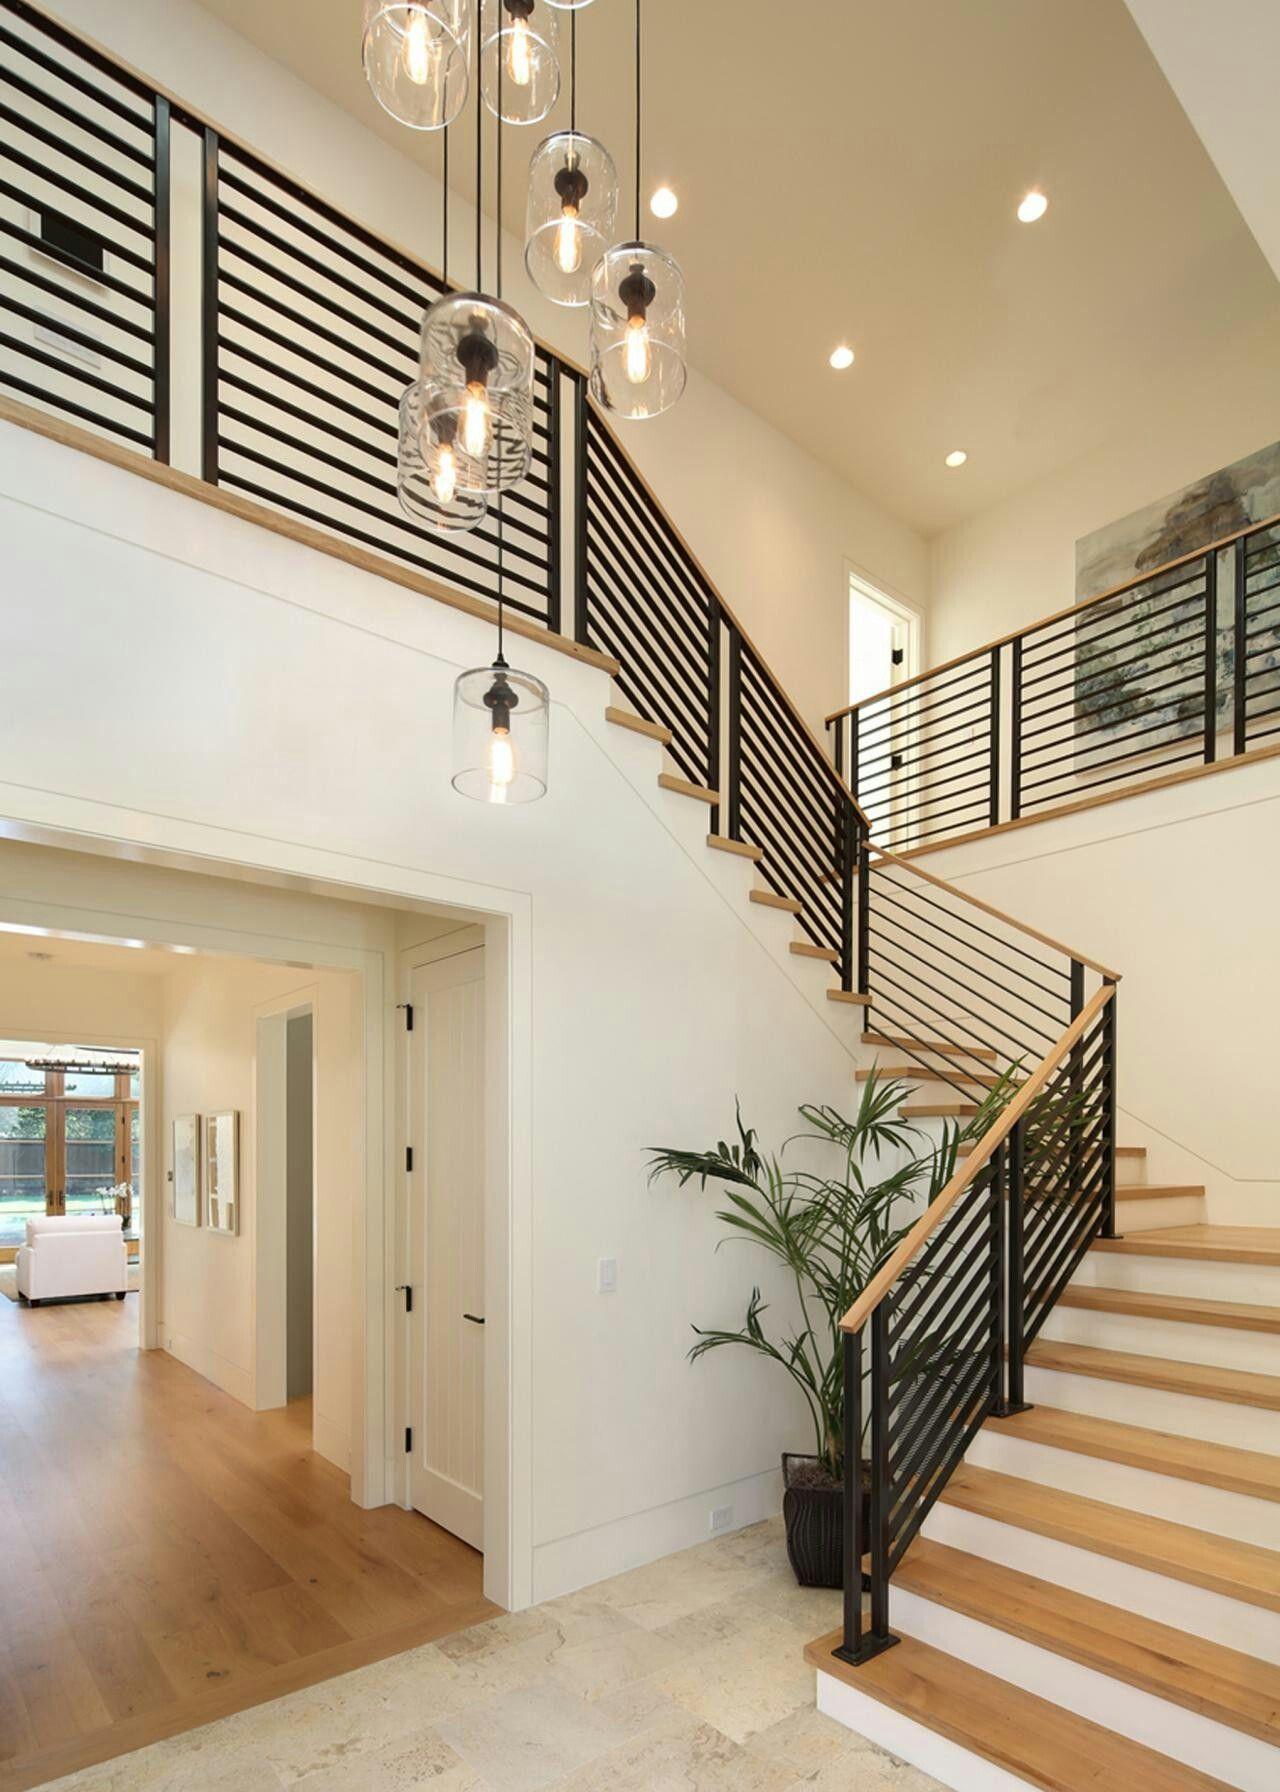 Attrayant Besoin Du0027idées Du0027éclairage Pour Un Escalier Intérieur ? Voici Quelques  Propositions, à Considérer Absolument Pour Lu0027aménagement Intérieur De  Design Moderne.